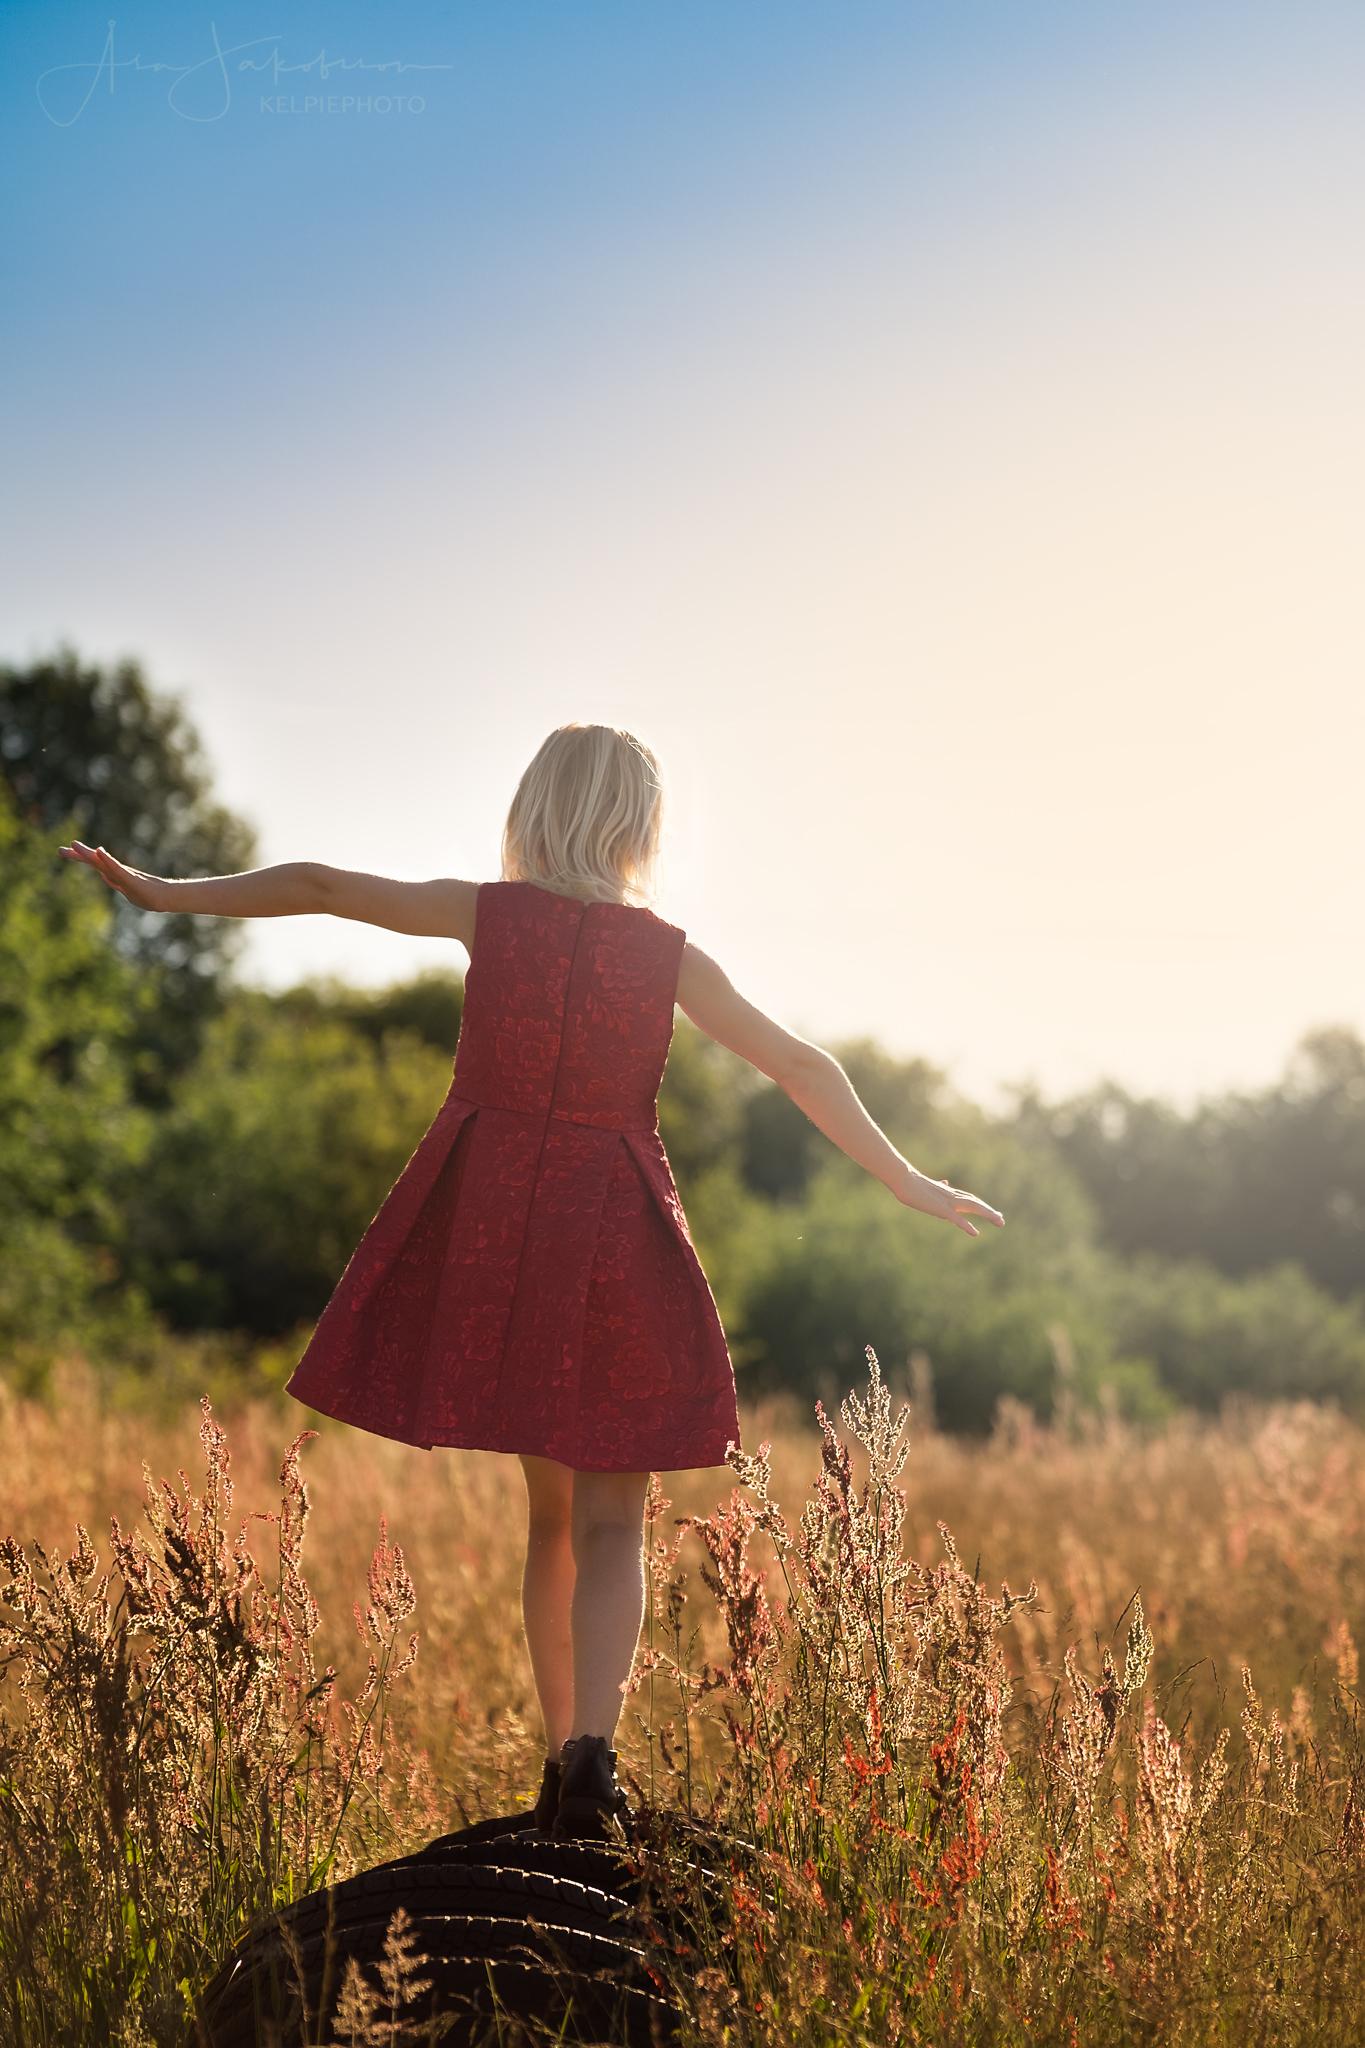 porträtt flicka balanserar röd klänning skåne